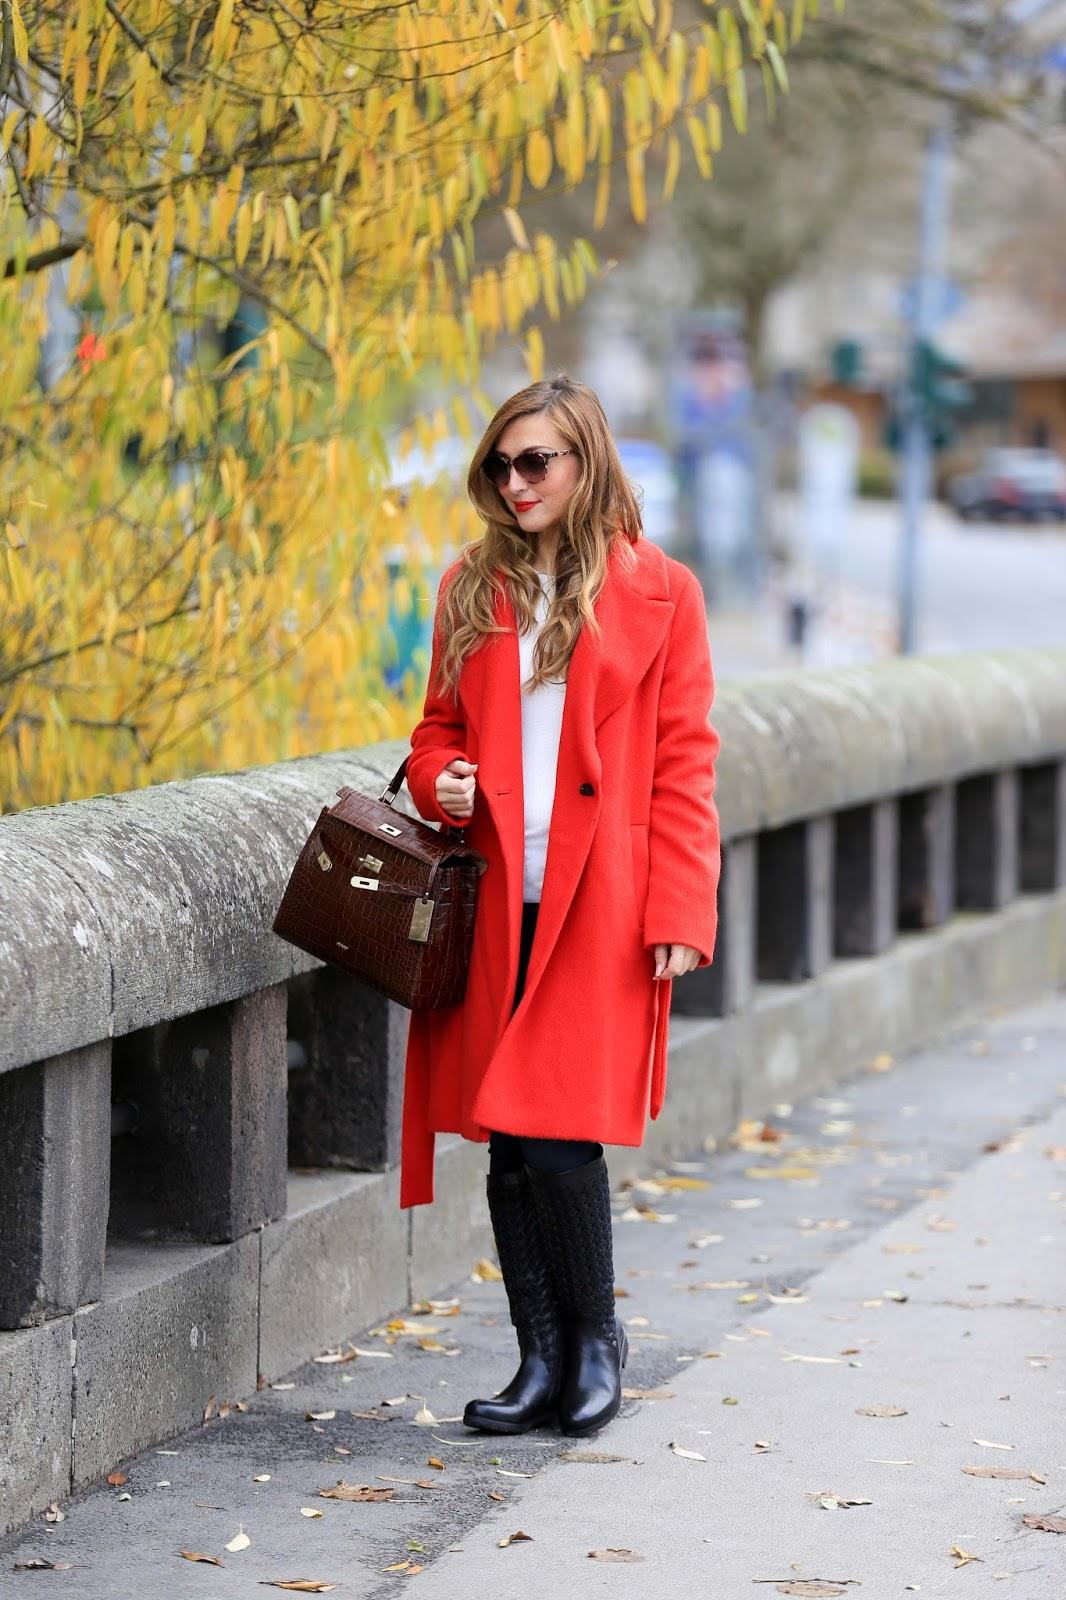 Fashionblogger-aus-deutschland-Lifestyleblogger-Gerry-Weber-Winterjacke-rote-Jacke-kombinieren-wie-kann-man-rote-schuhe-kombinieren-Picard-Weimar-Tasche